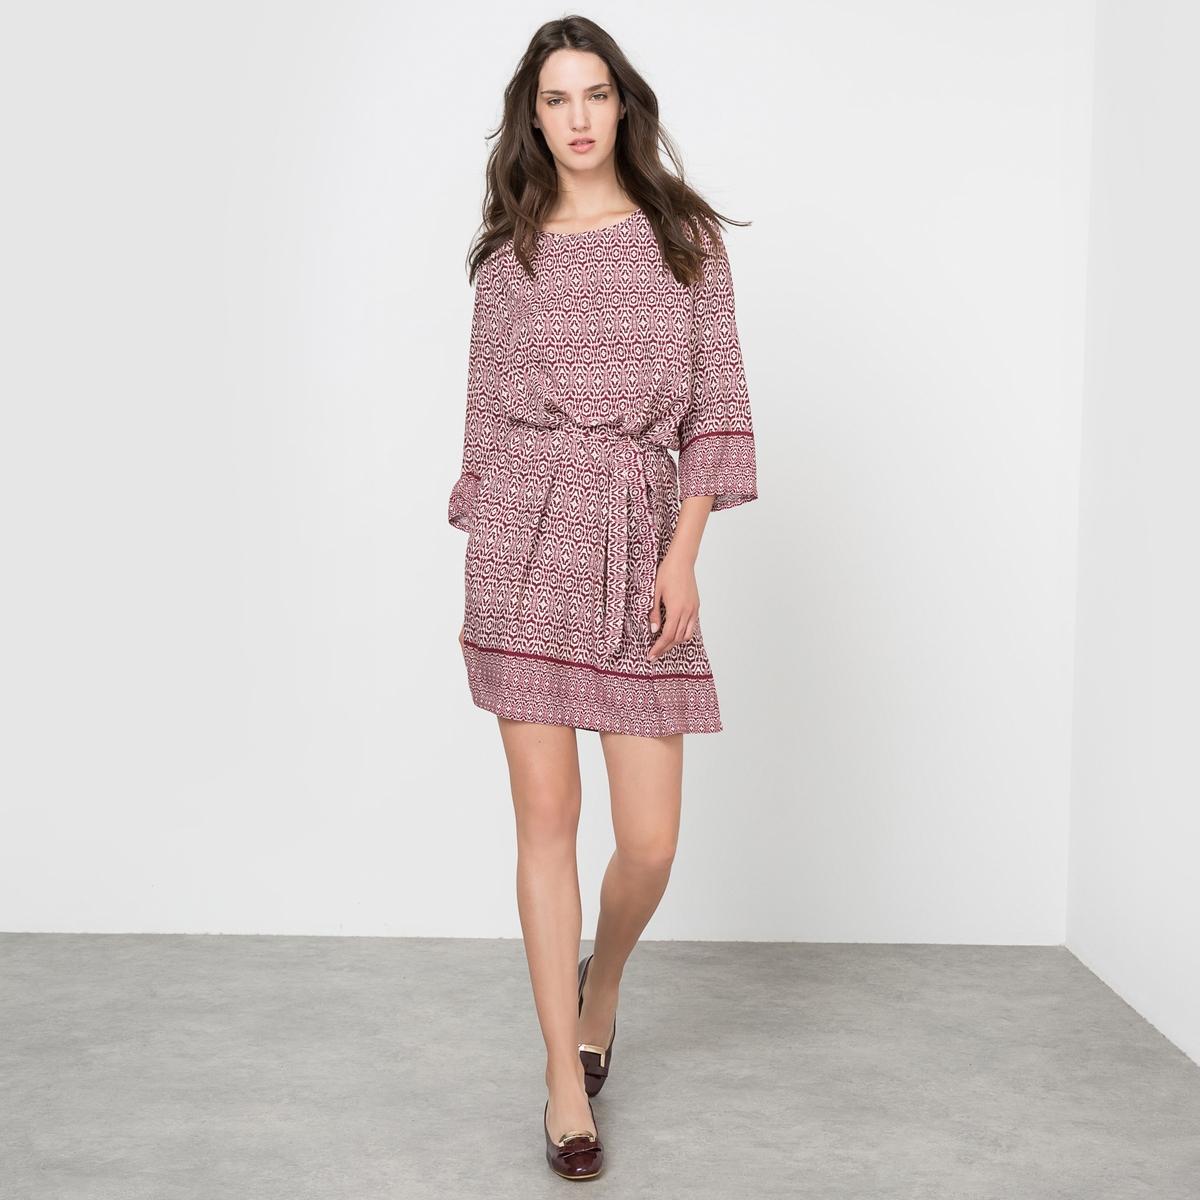 Платье расклешенное с принтомСостав и описание:Материал: 100% района.Марка: MOLLY BRACKEN.УходСтирать вручную.<br><br>Цвет: бордовый<br>Размер: S